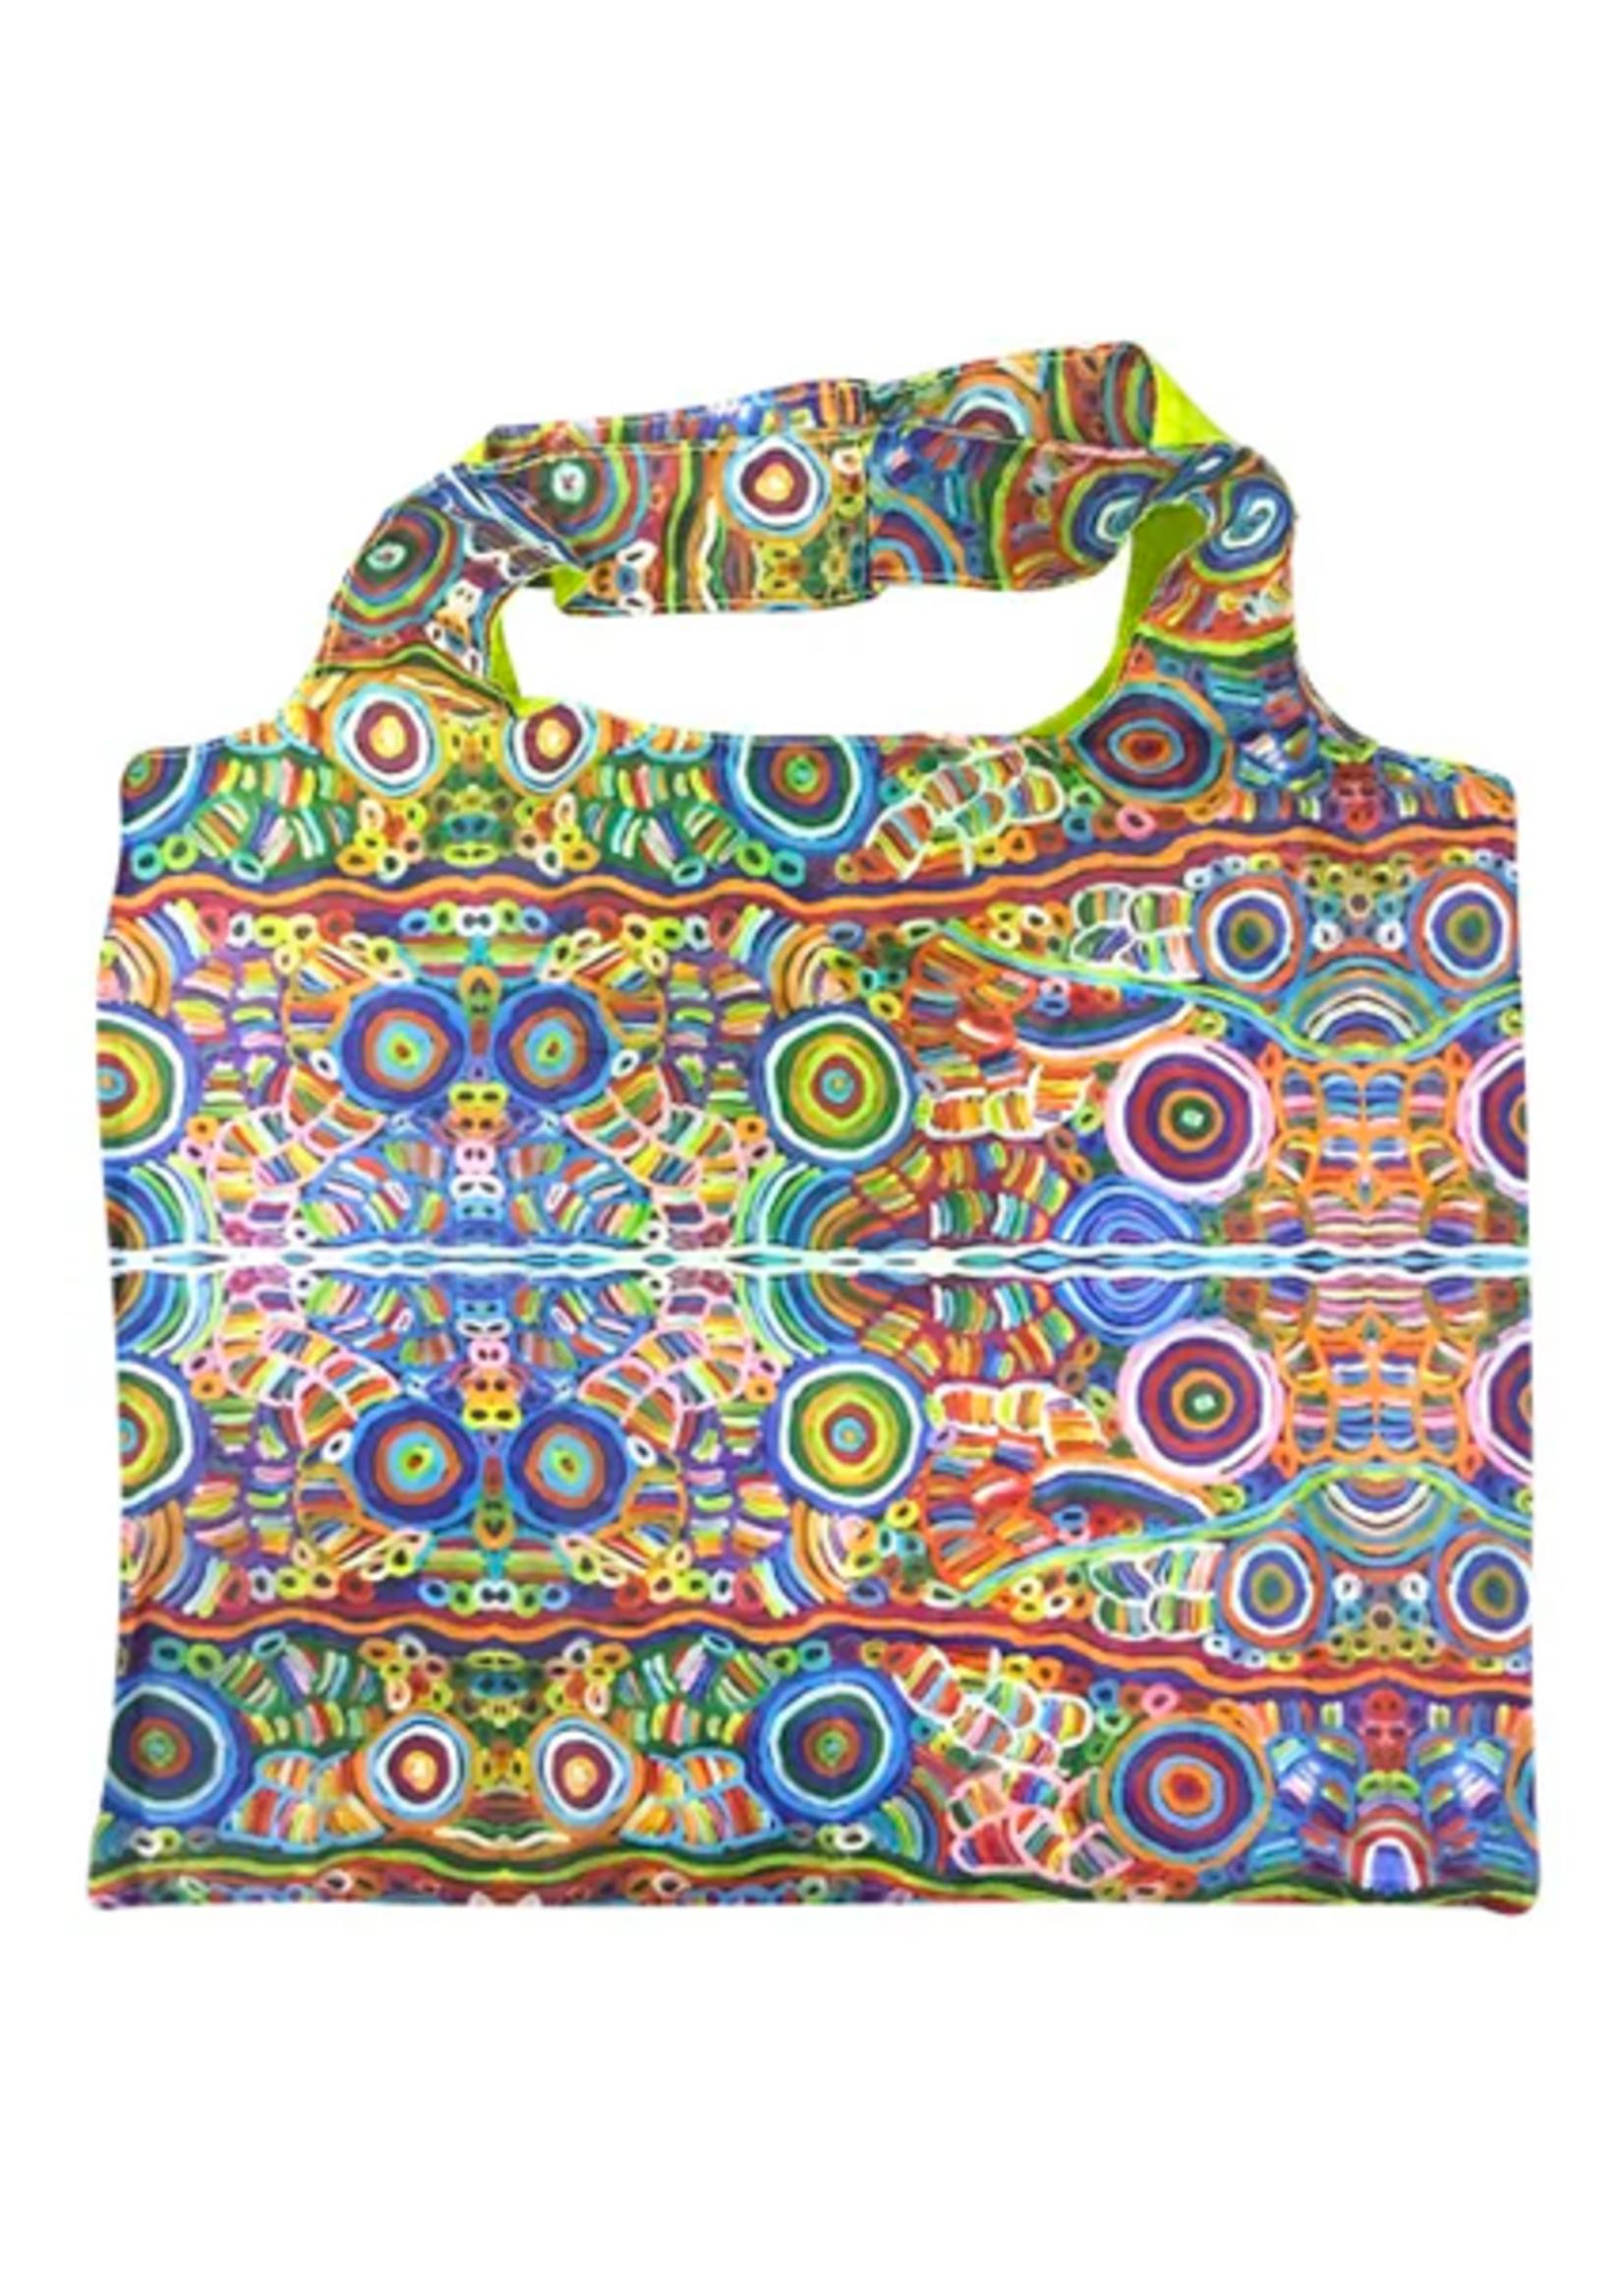 Utopia Foldable Shopping Bag - Betty Club 192